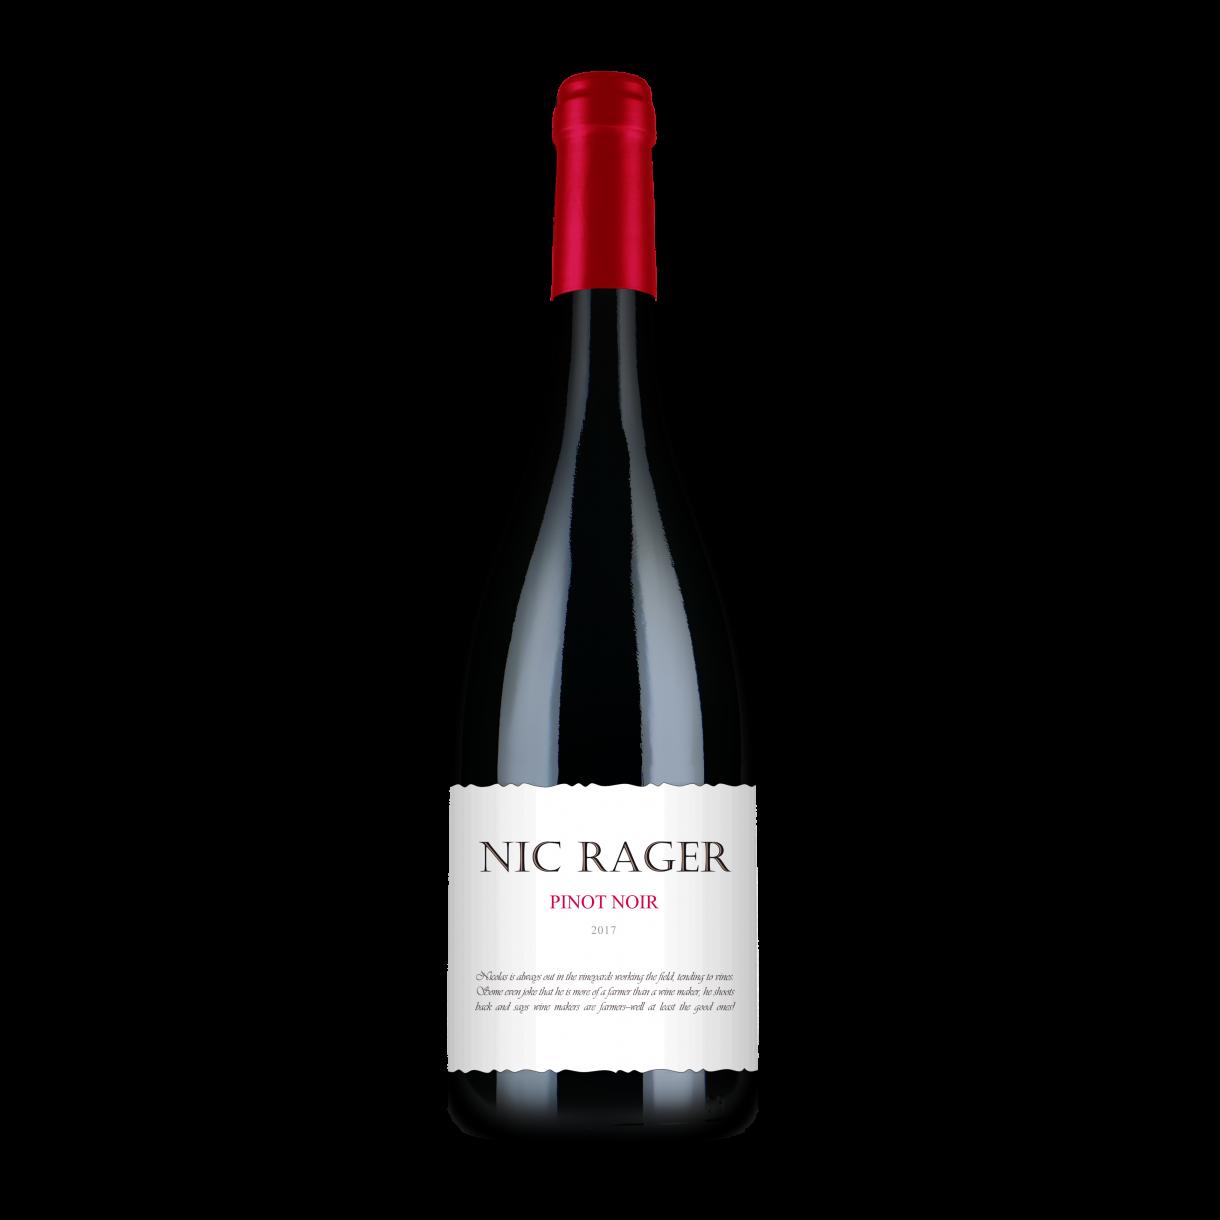 Nic Rager, 2017 - Pinot Noir